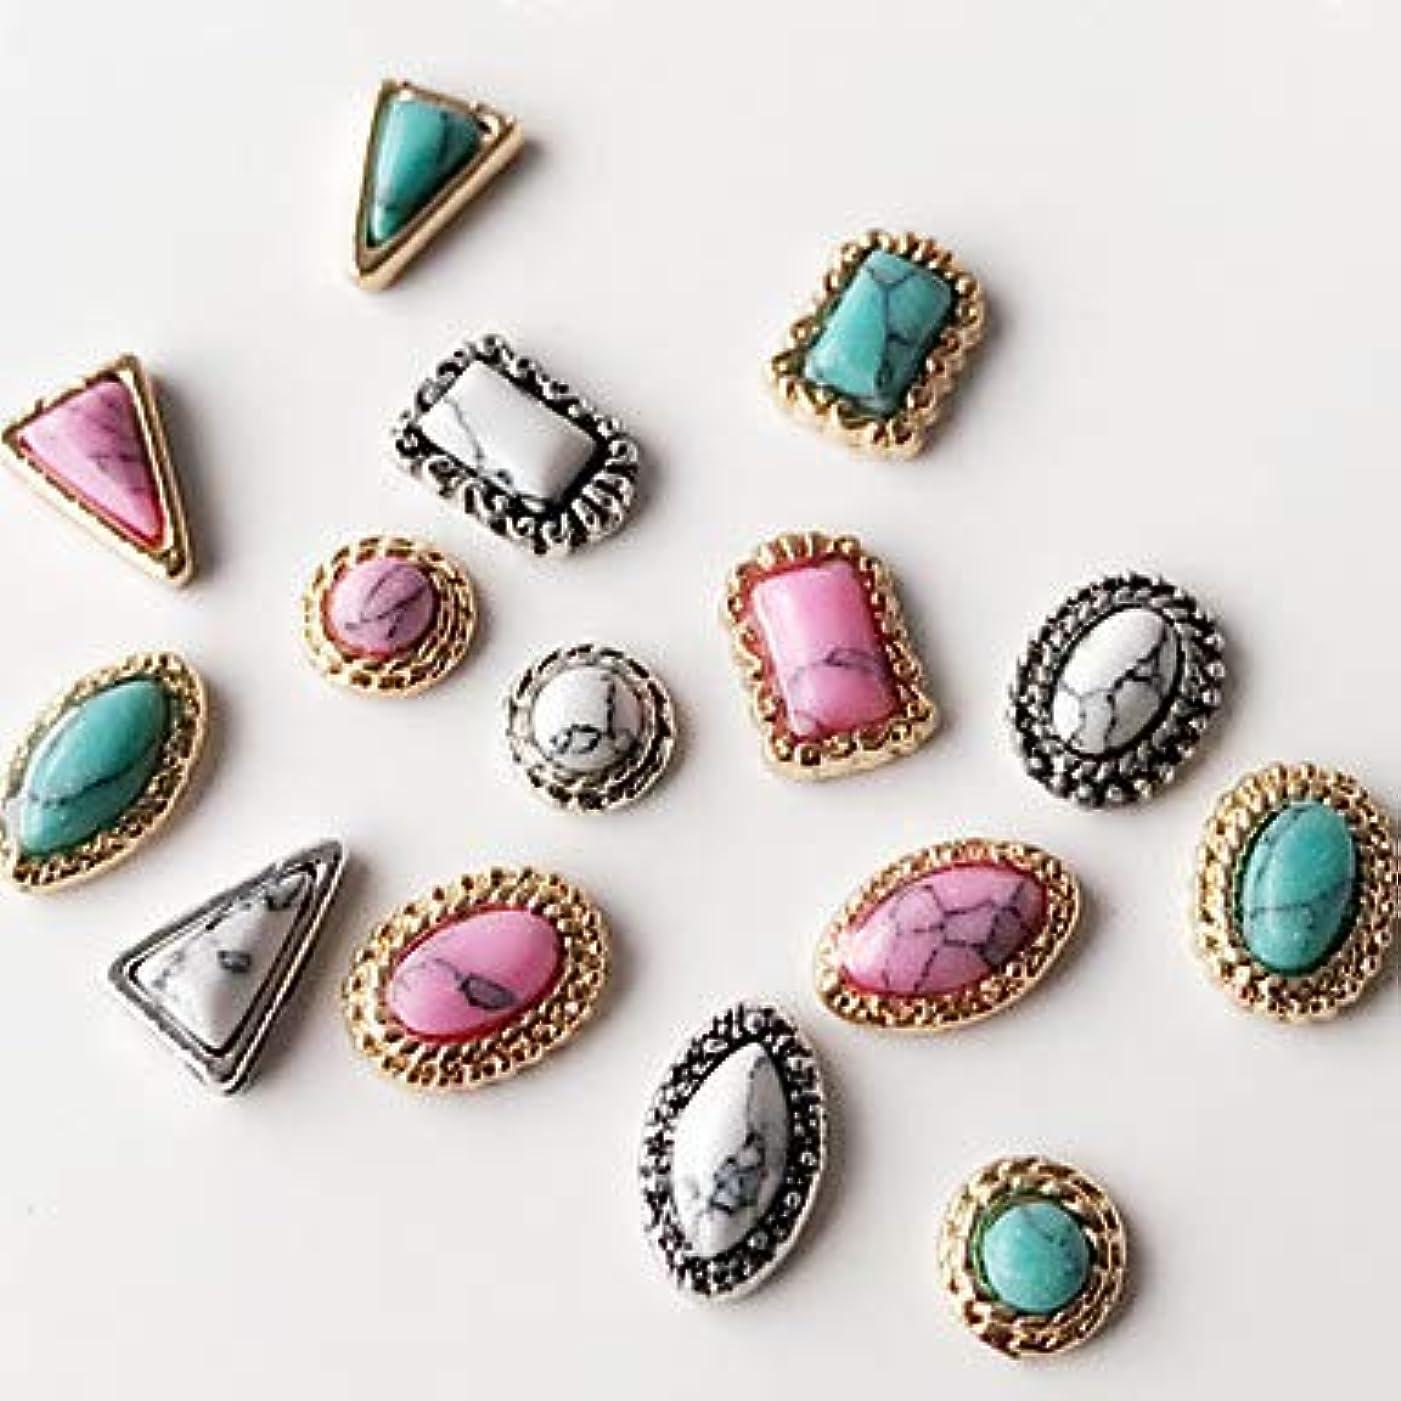 パトロール吹きさらしカストディアン10個混合スタイル混合色古代の宝石ネイルアートの装飾に戻ります